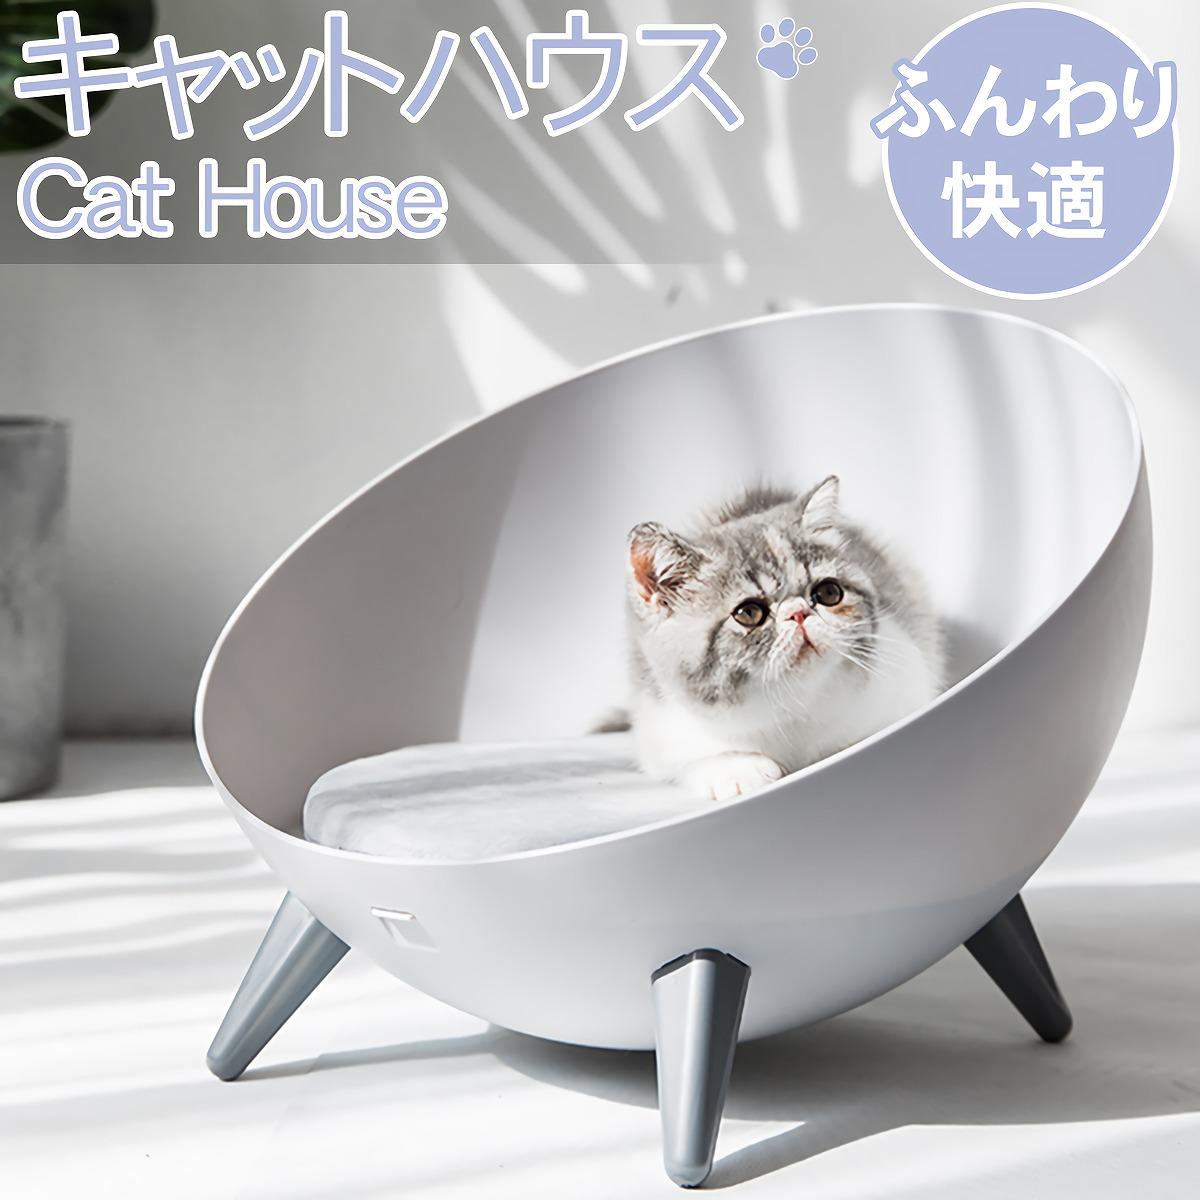 キャットハウス ペットベッド ペットハウス 猫 猫用品 ねこハウス 猫用 クッション ペット オンライン限定商品 インテリア かわいい 寝床 リビング 北欧 送料0円 居間 グレー おしゃれ